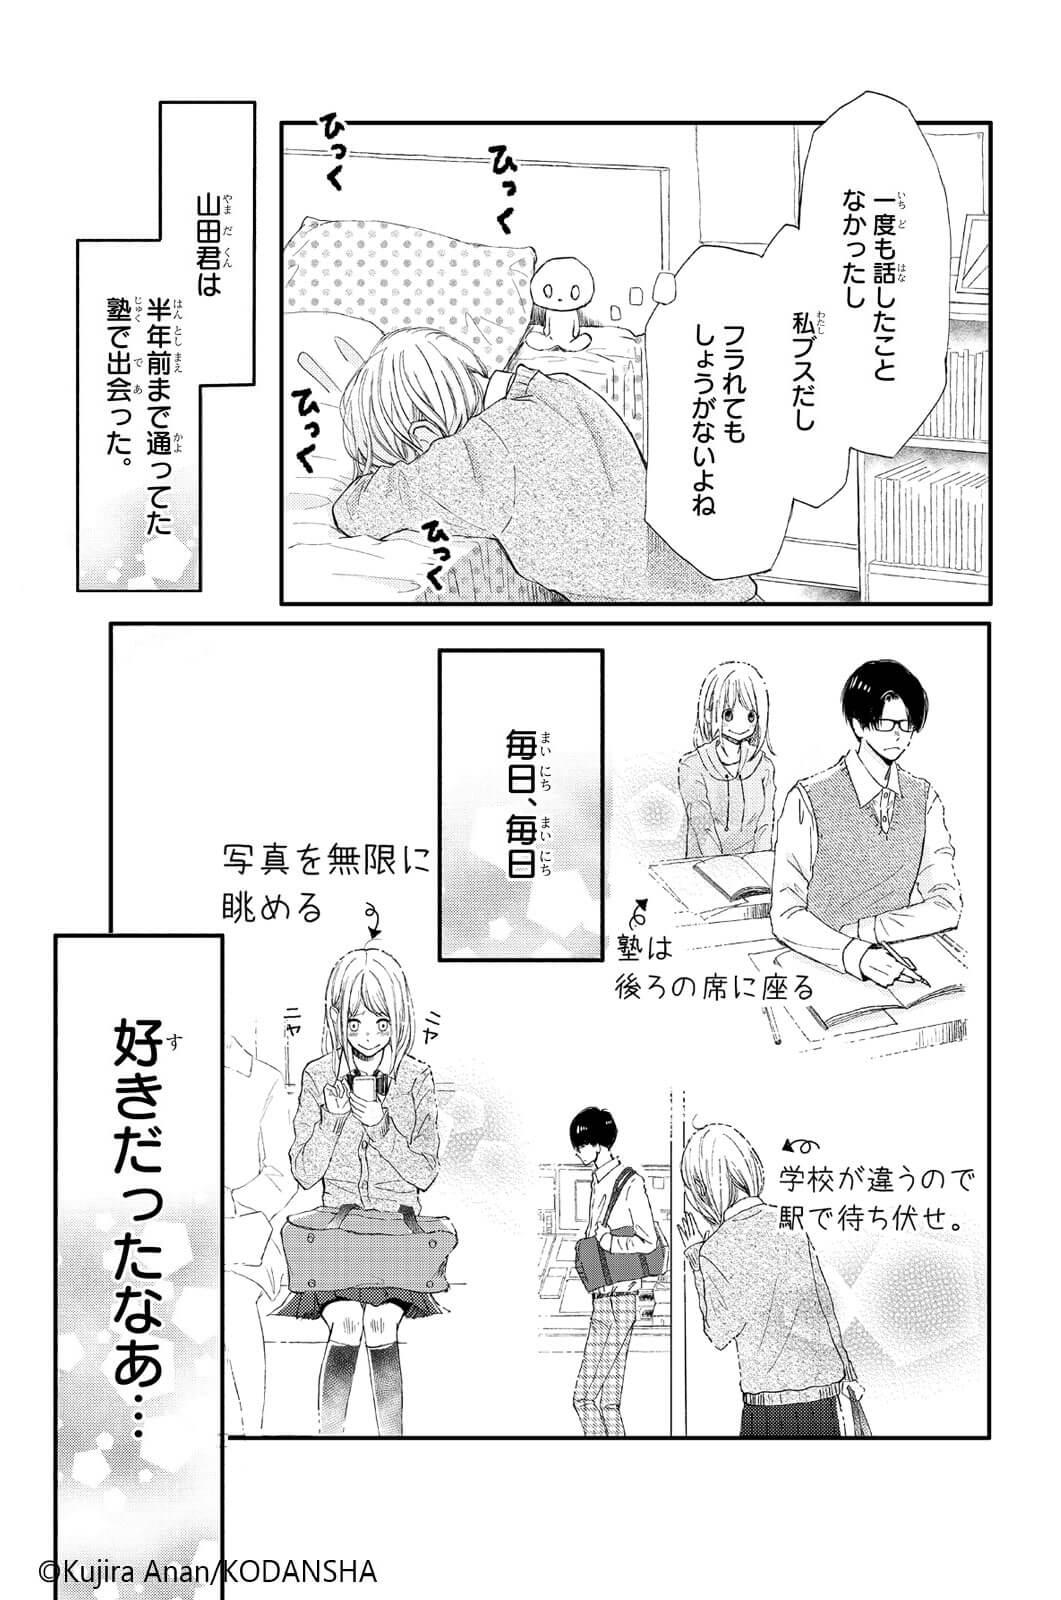 片思いごっこ1-2